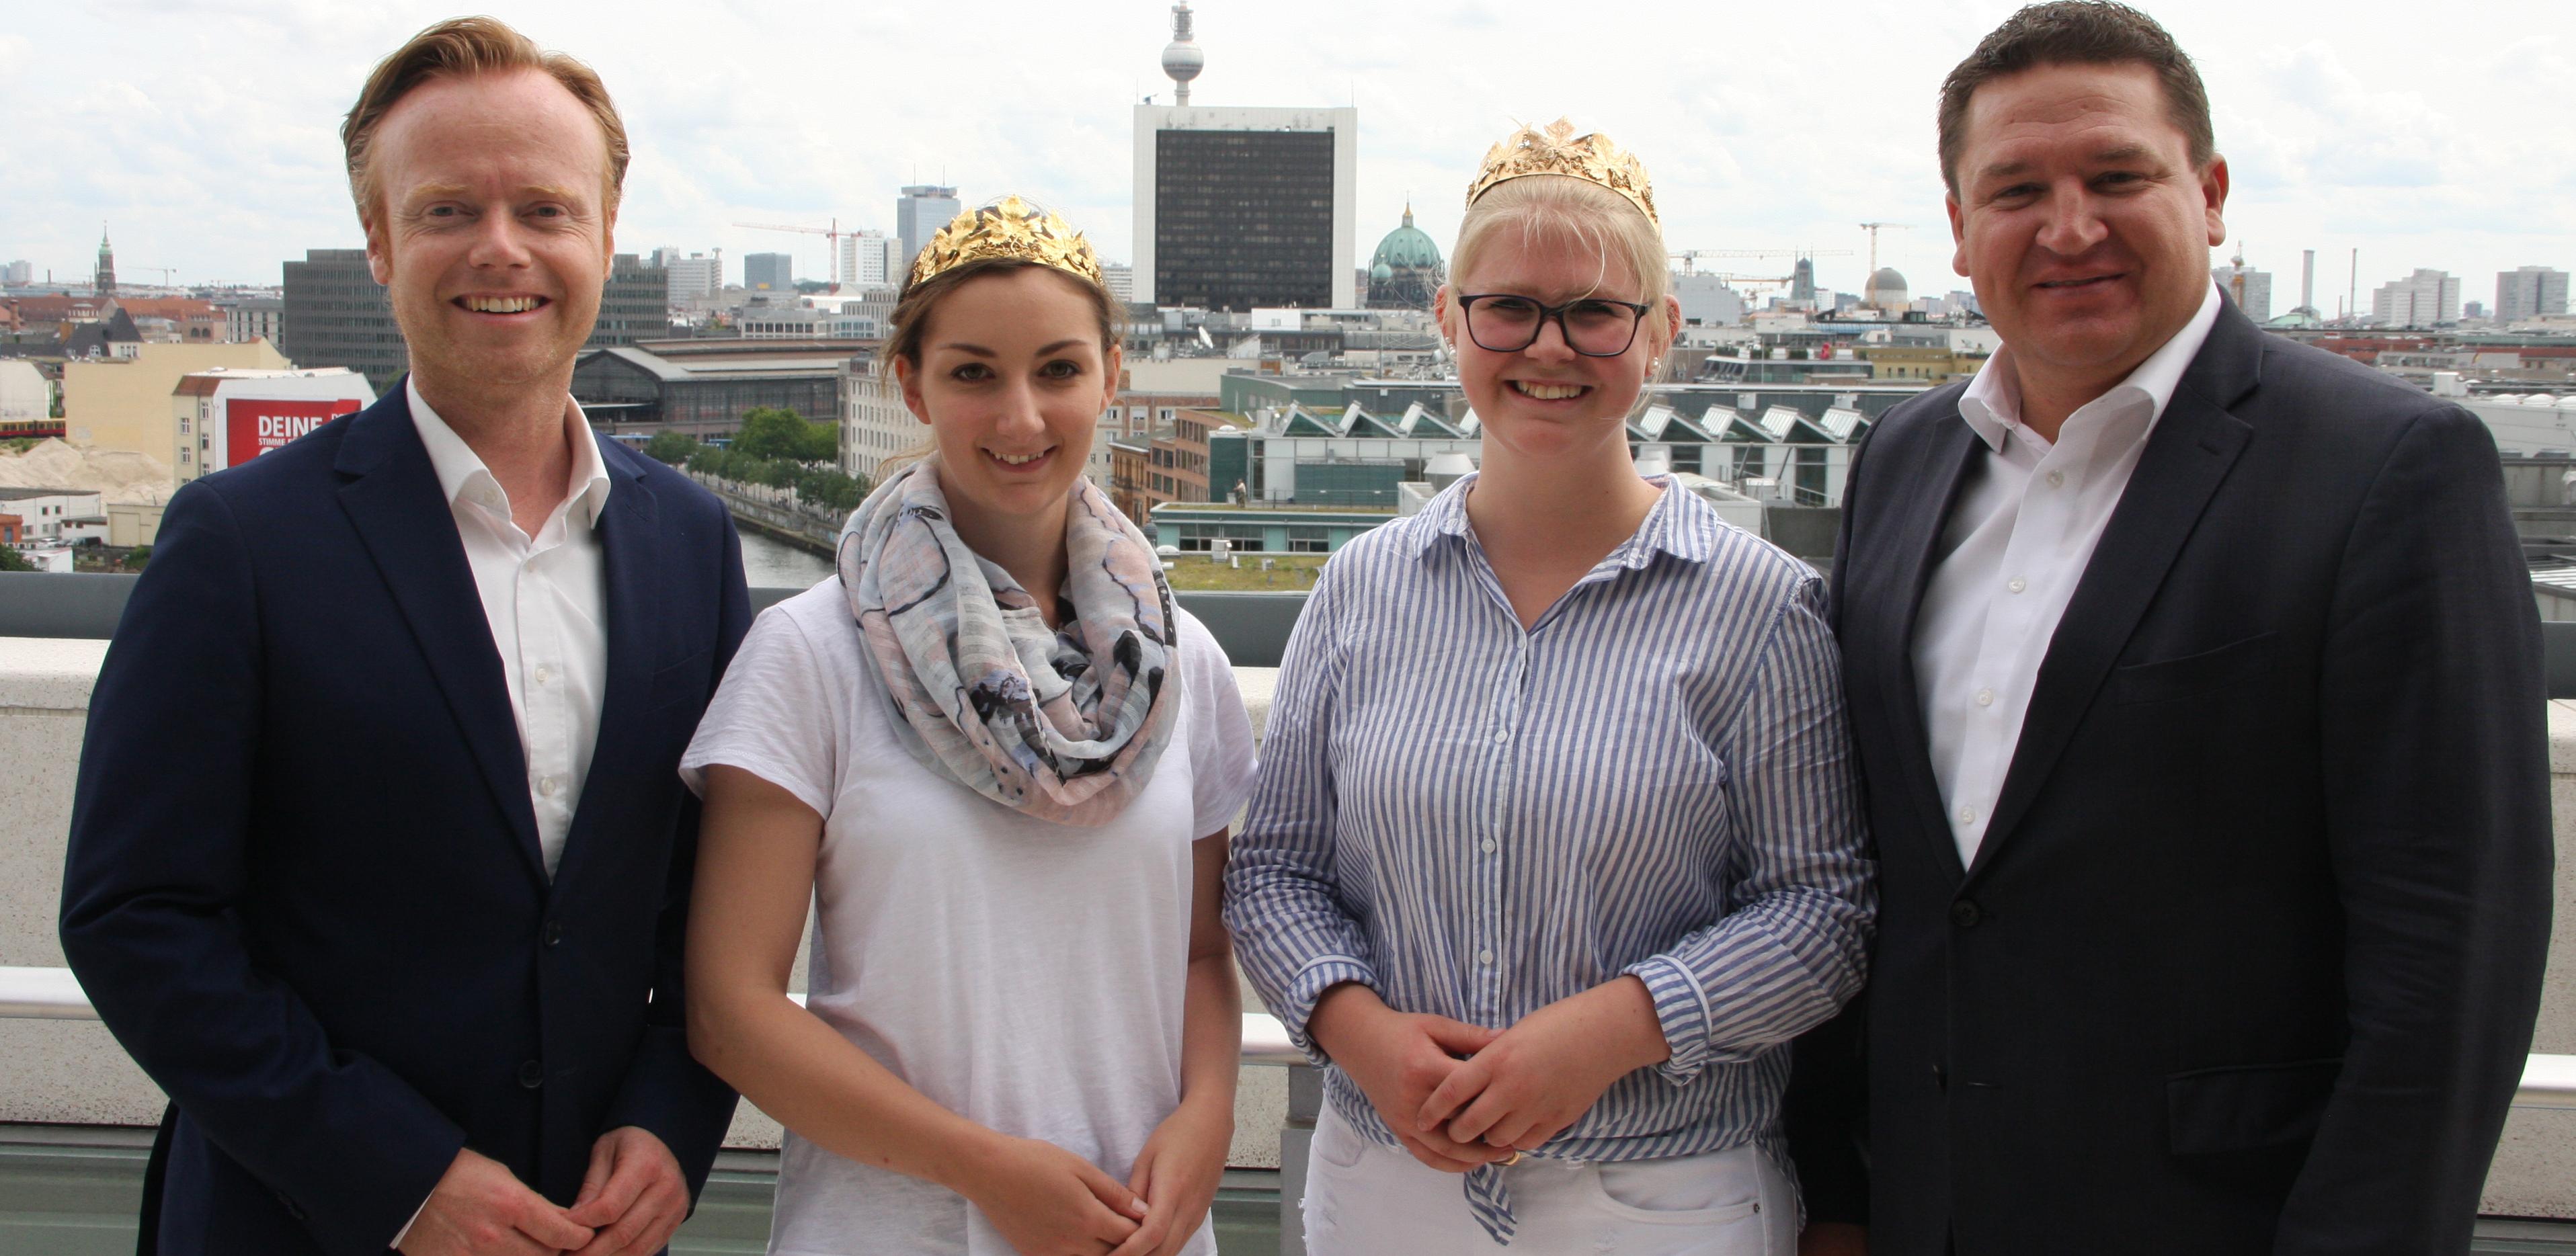 Über den Dächern von Berlin. Von links: Jan Metzler, Rebecca Stephan, Jennifer Henn und Marcus Held.